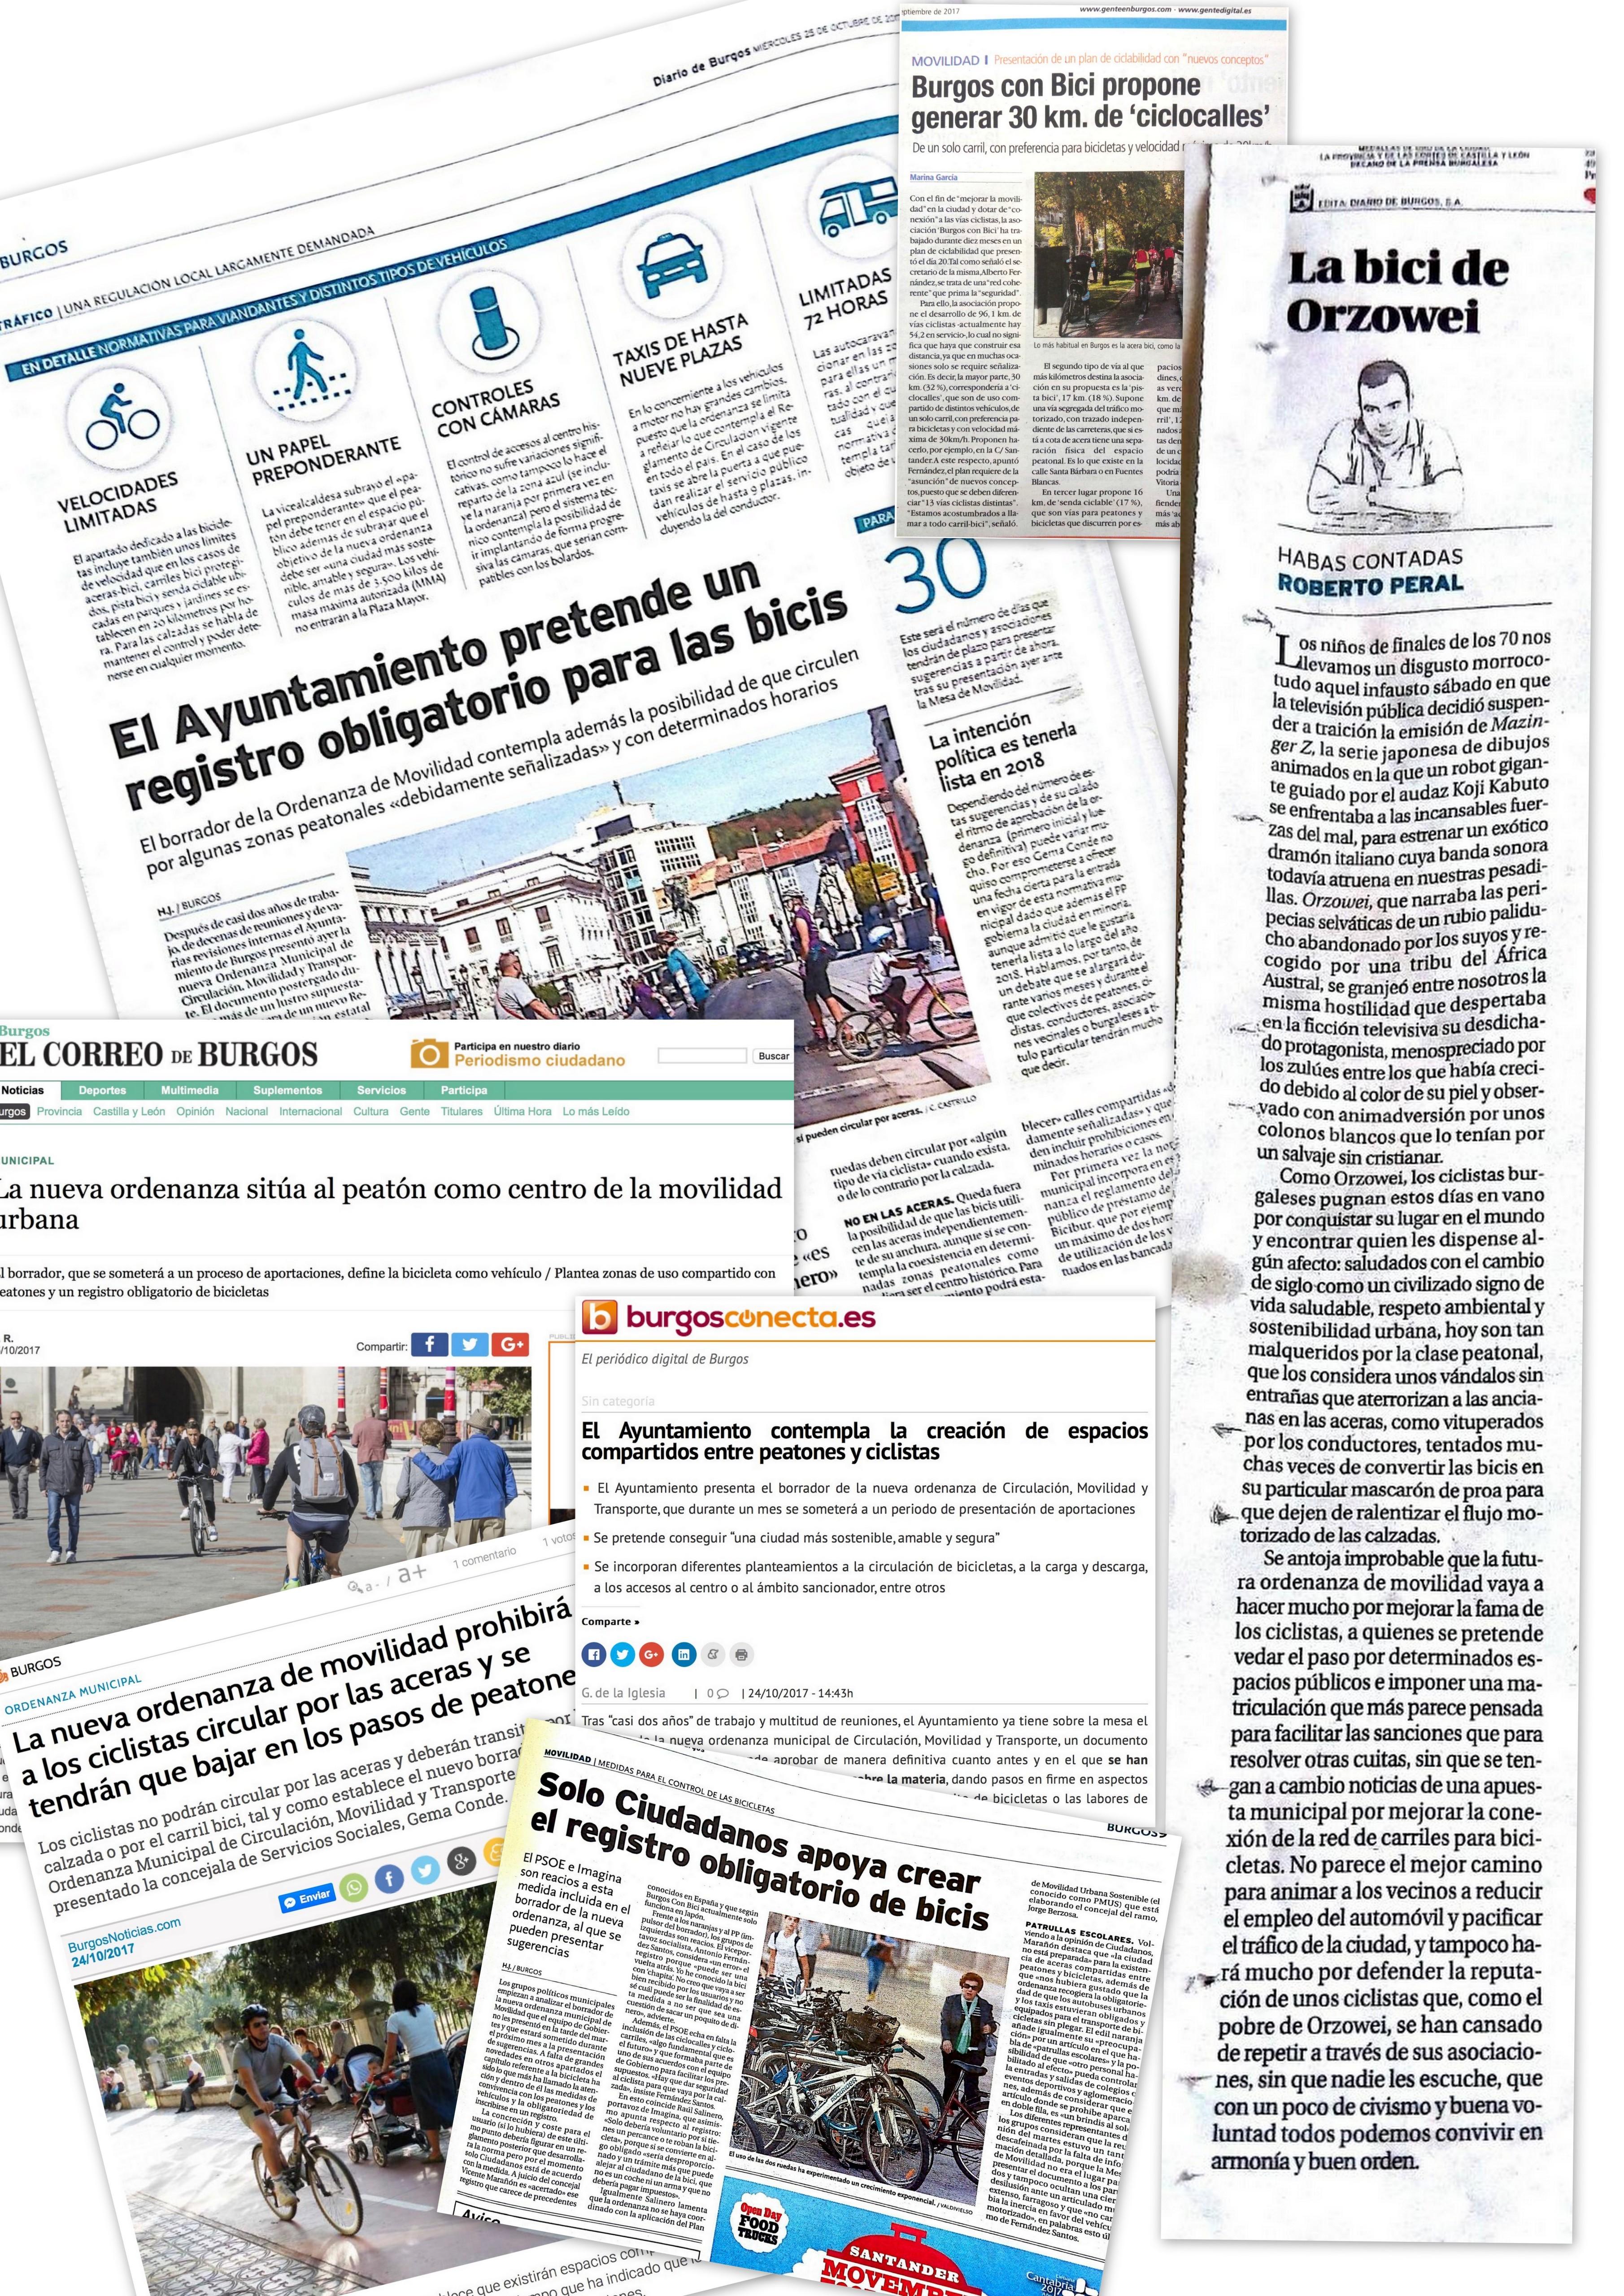 Collage con algunas noticias sobre el borrador de la ordenanza de movilidad de Burgos. Octubre de 2017